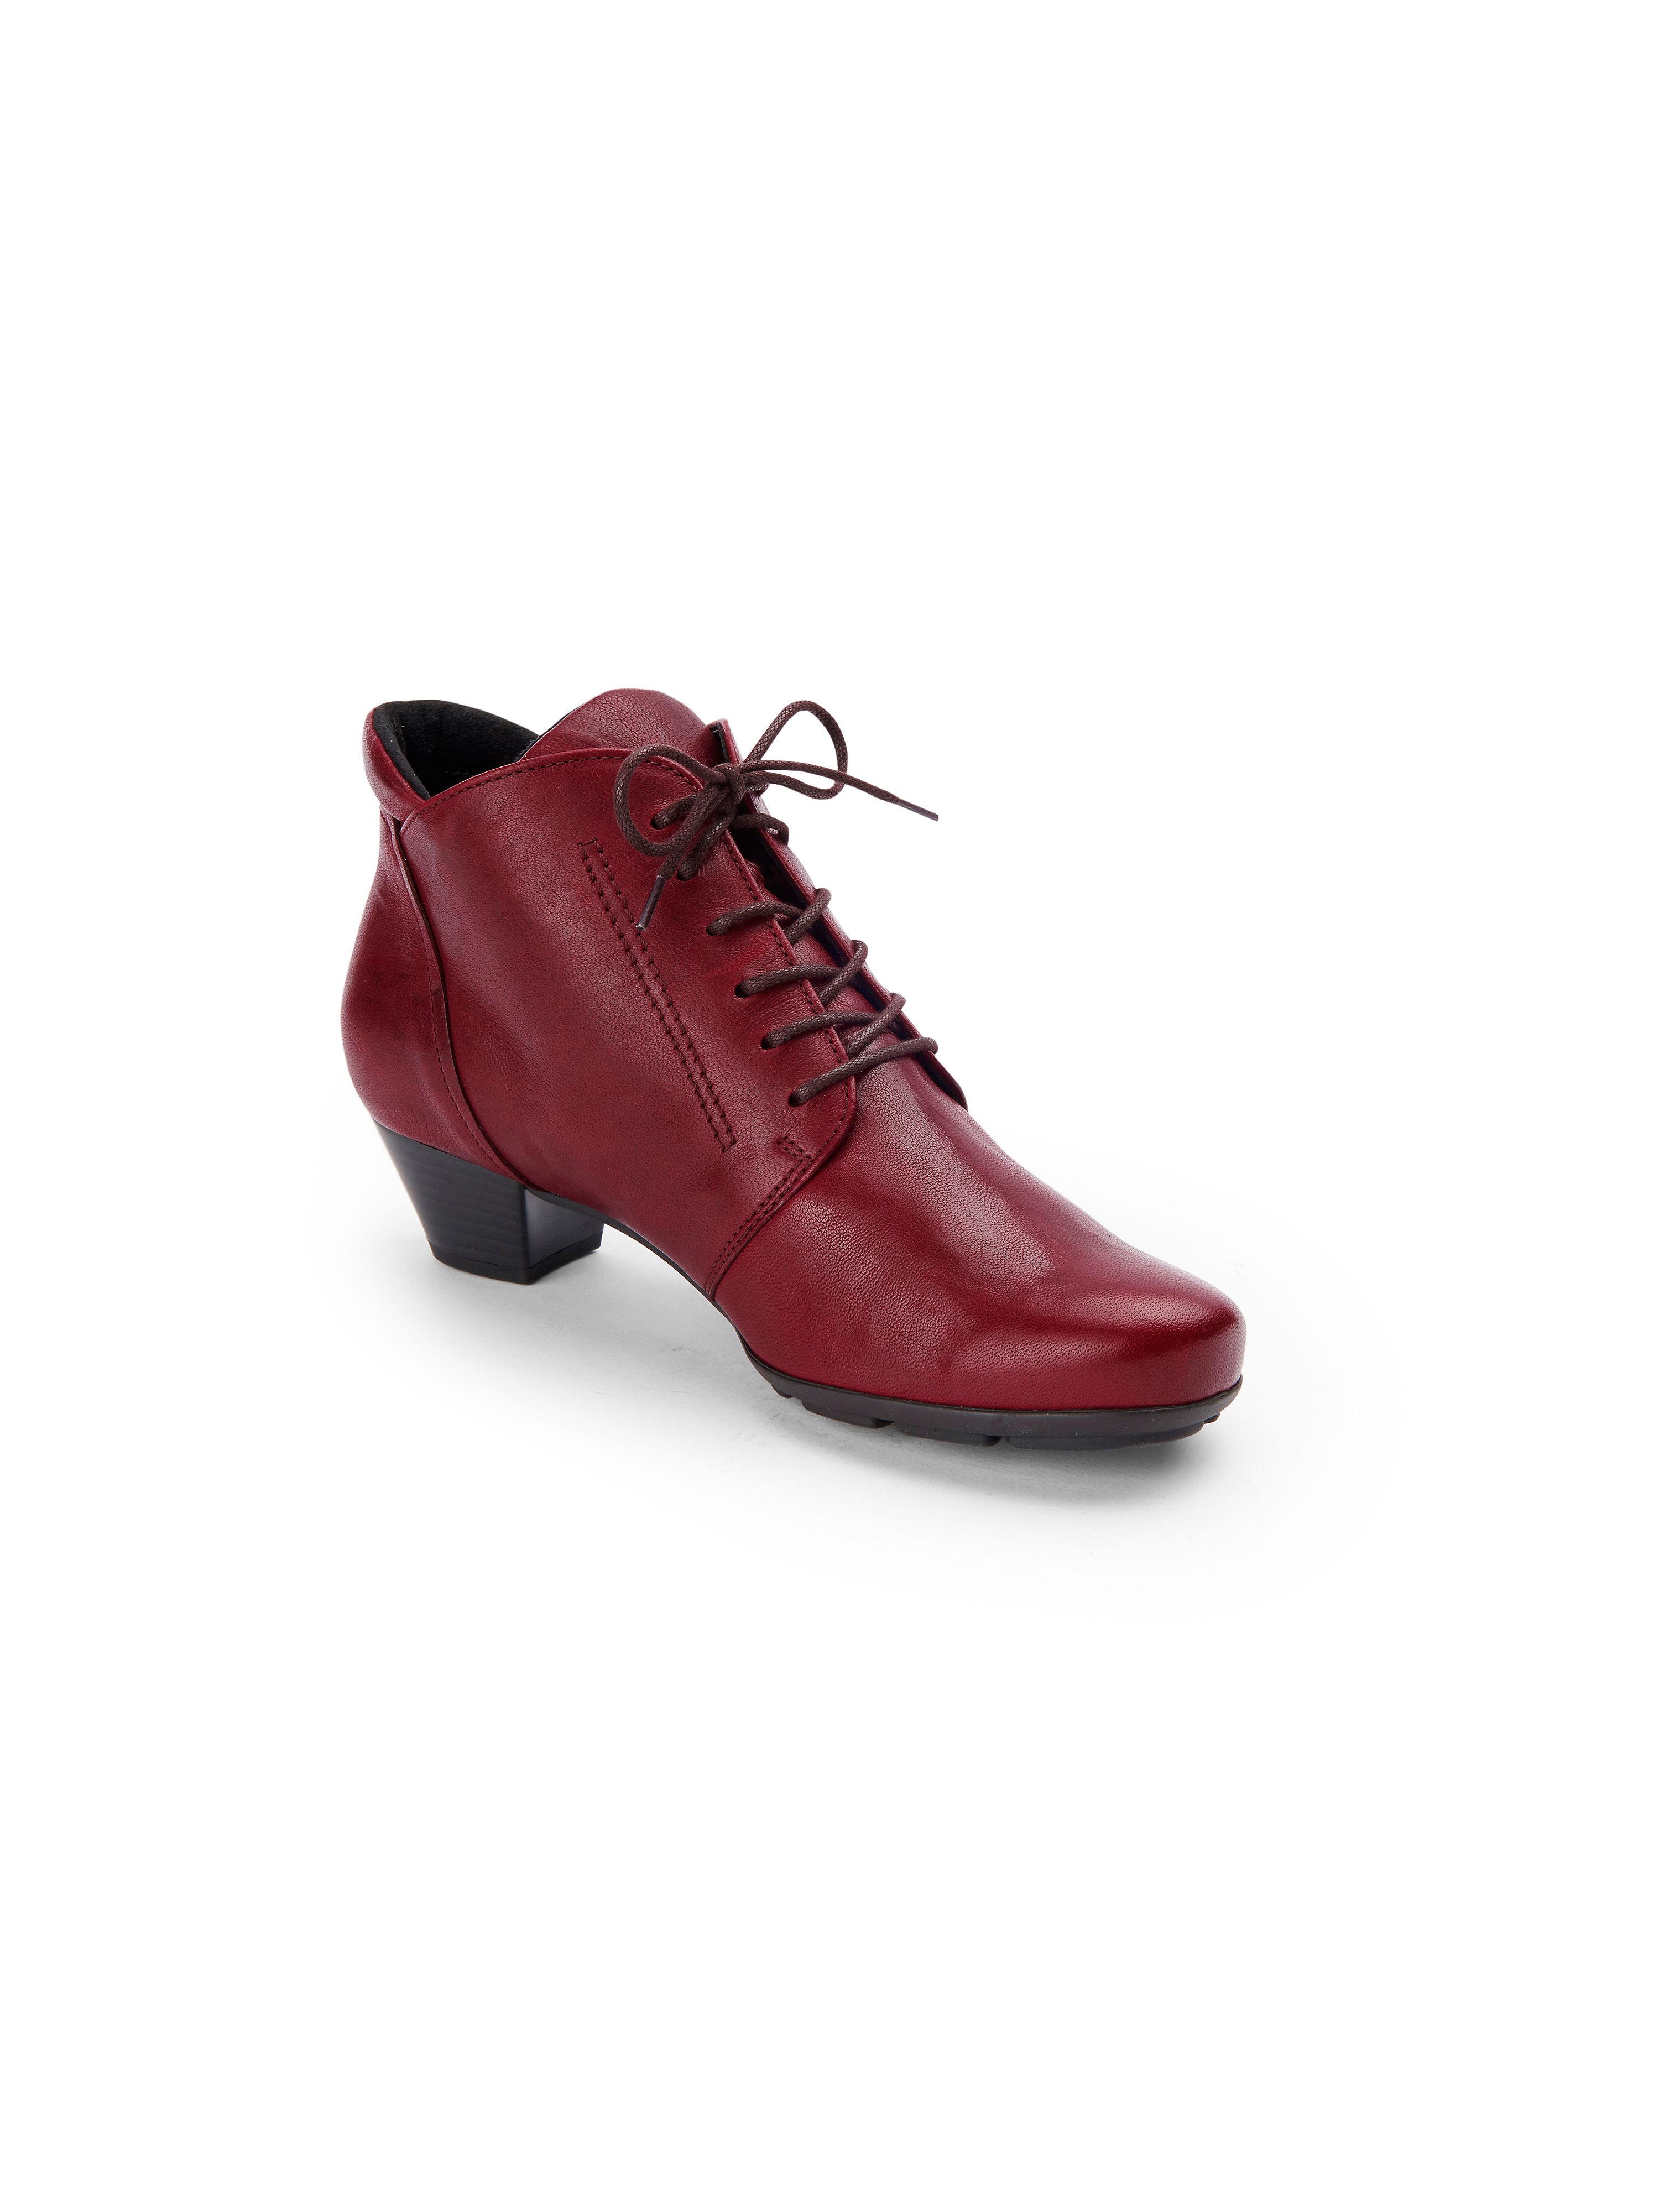 Gabor Gute - Ankle-Boot - Dunkelrot Gute Gabor Qualität beliebte Schuhe e6067d